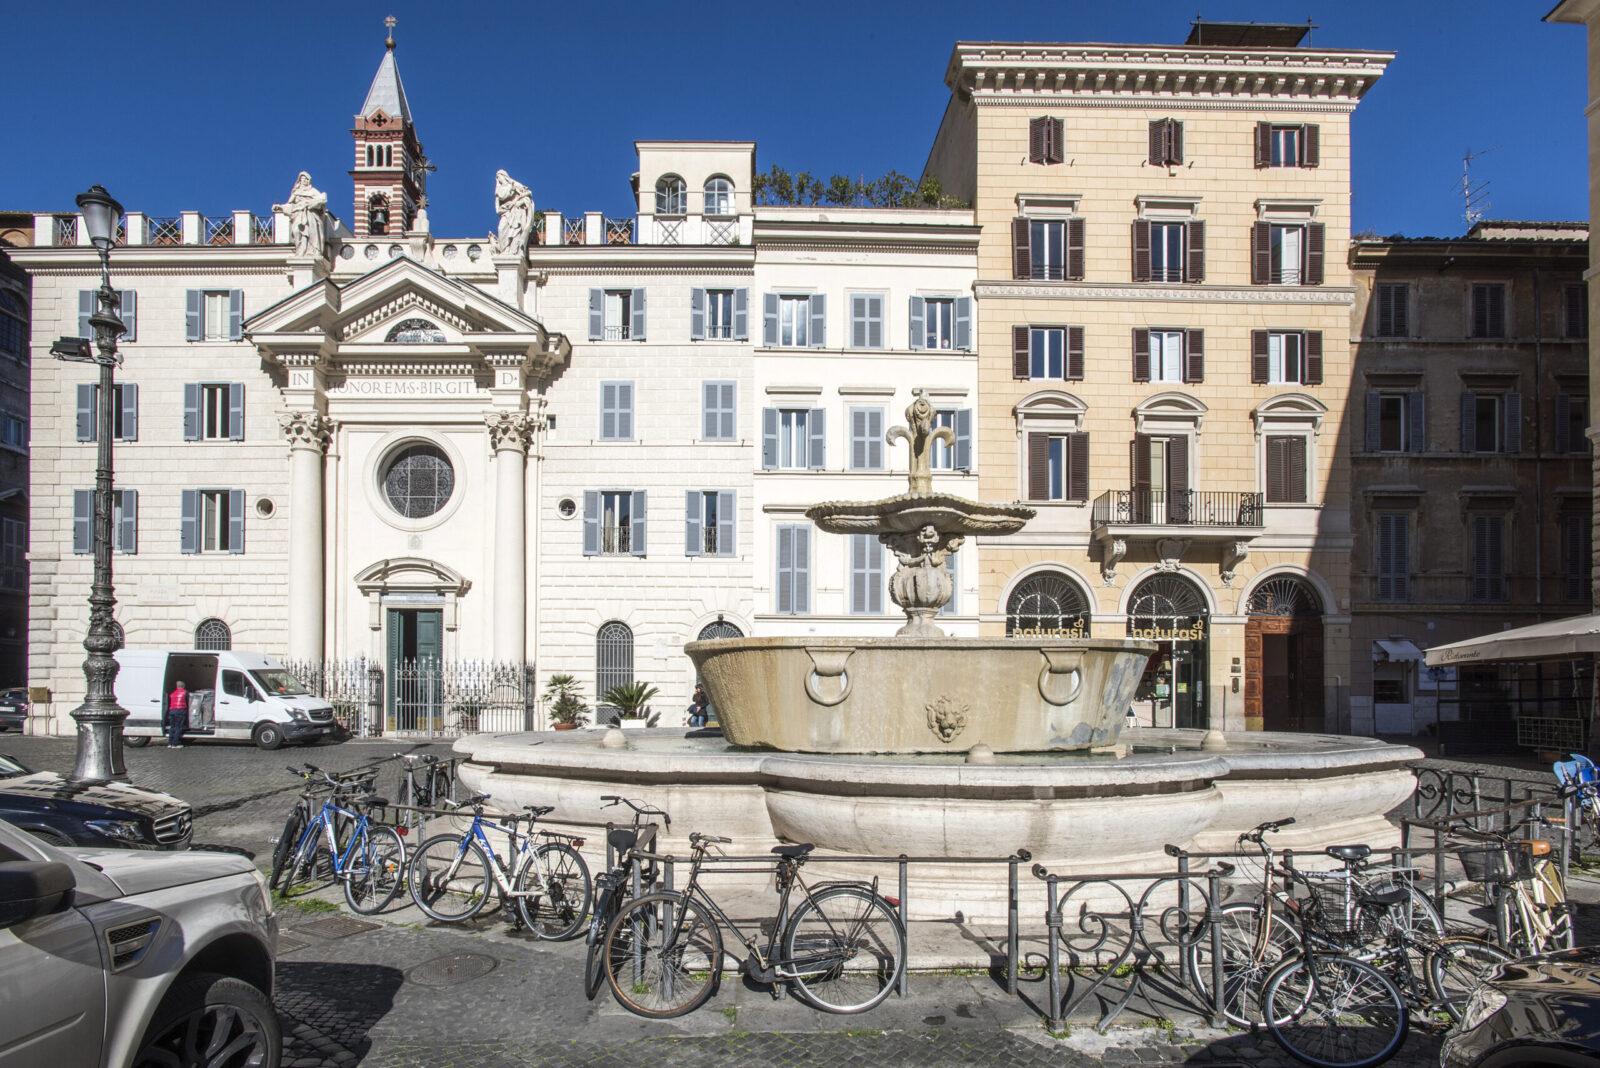 Appartamenti in affitto a Roma: i quartieri migliori e la classifica